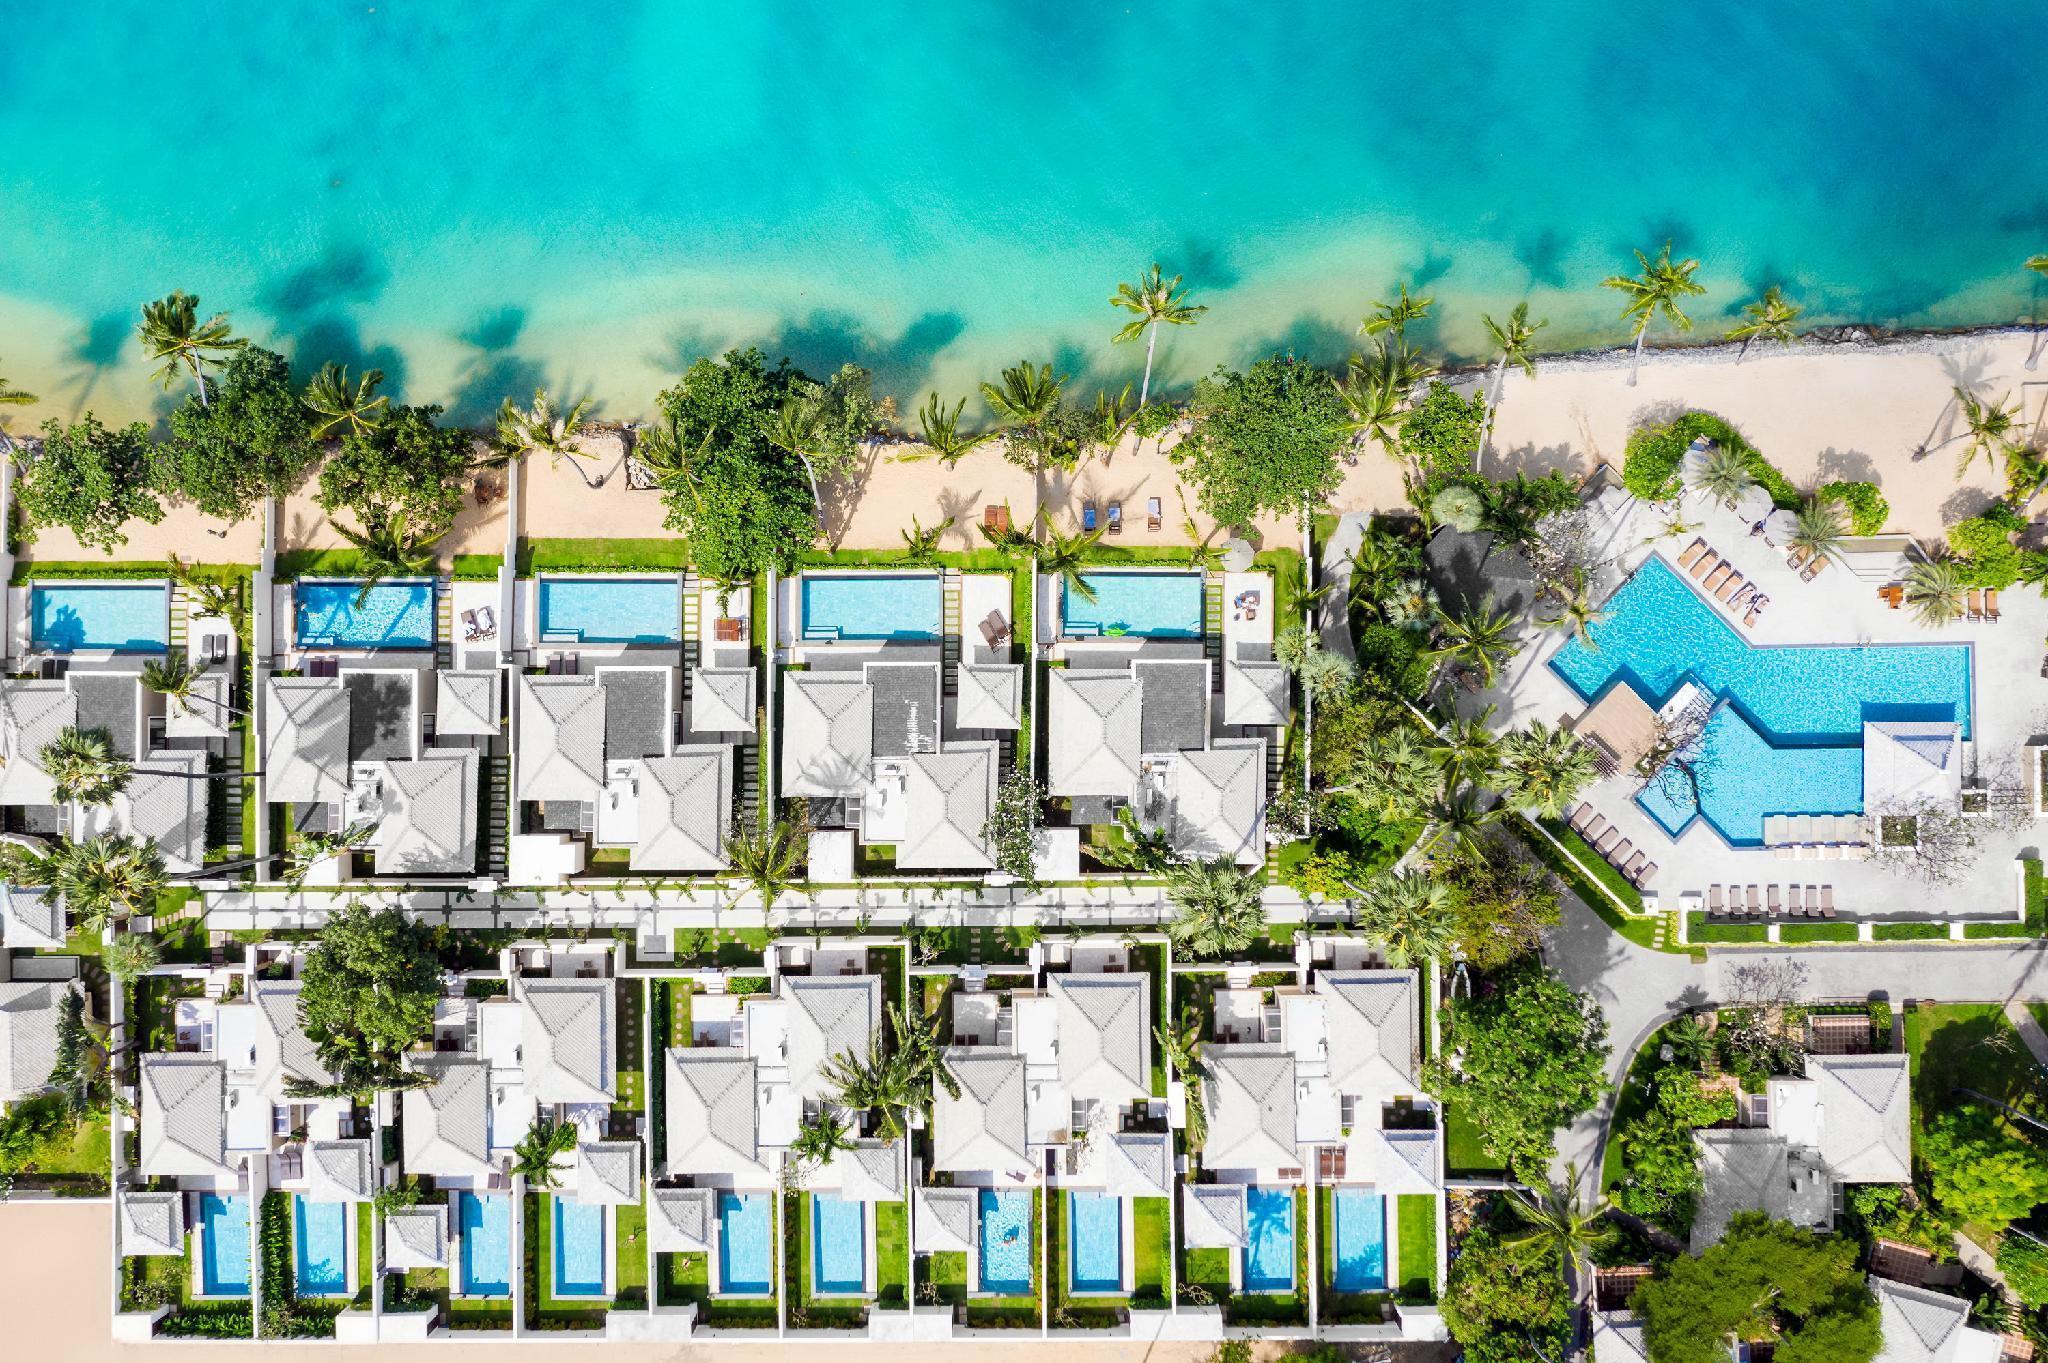 Fair House Villas & Spa Samui แฟร์เฮ้าส์ วิลล่า แอนด์ สปา สมุย